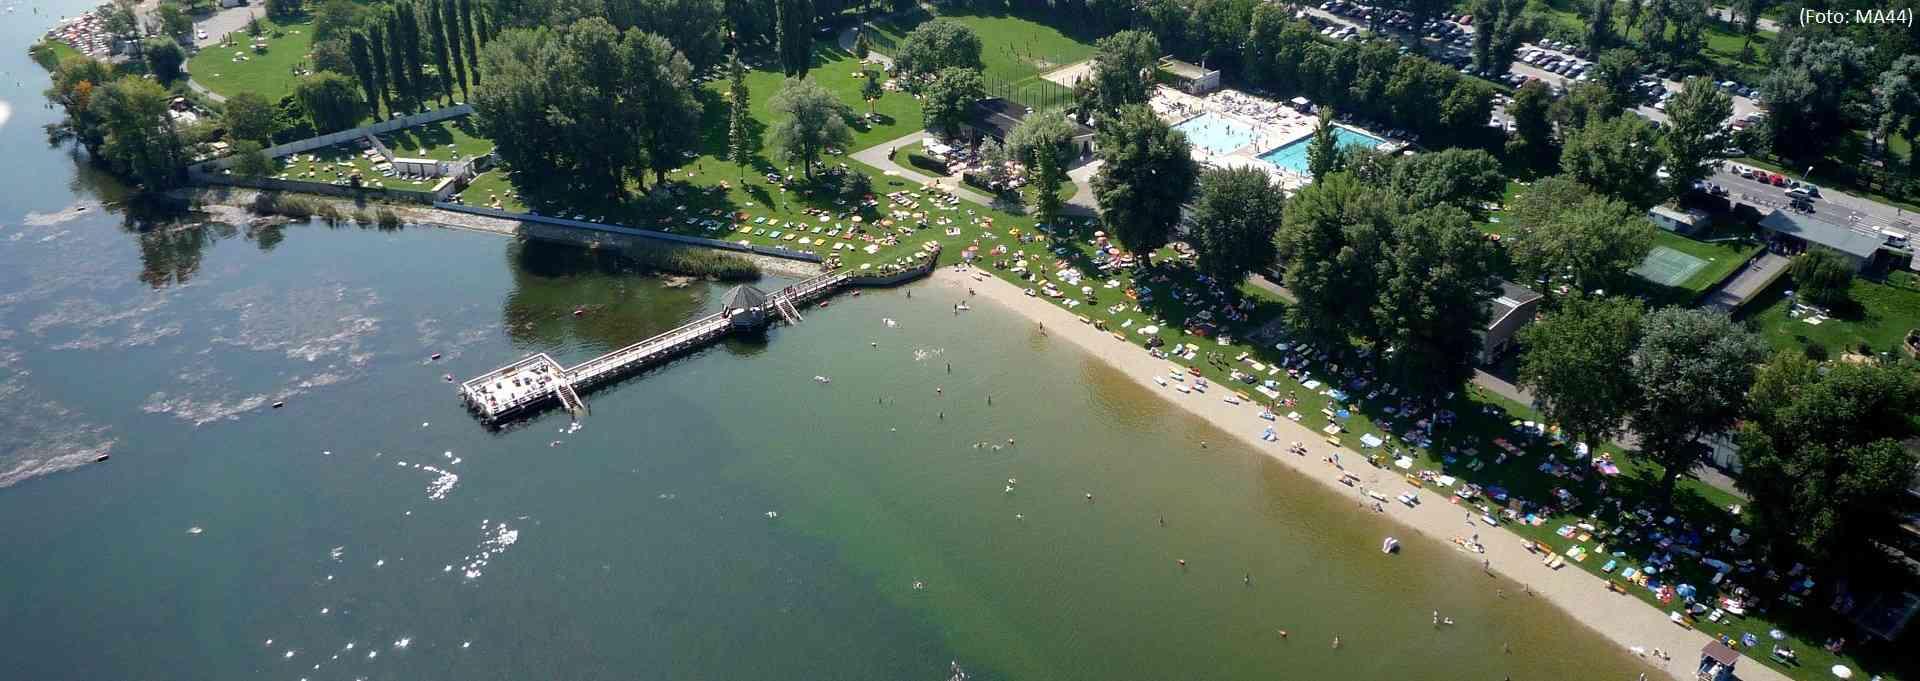 Das Strandbad Alte Donau von oben (Foto: MA44)